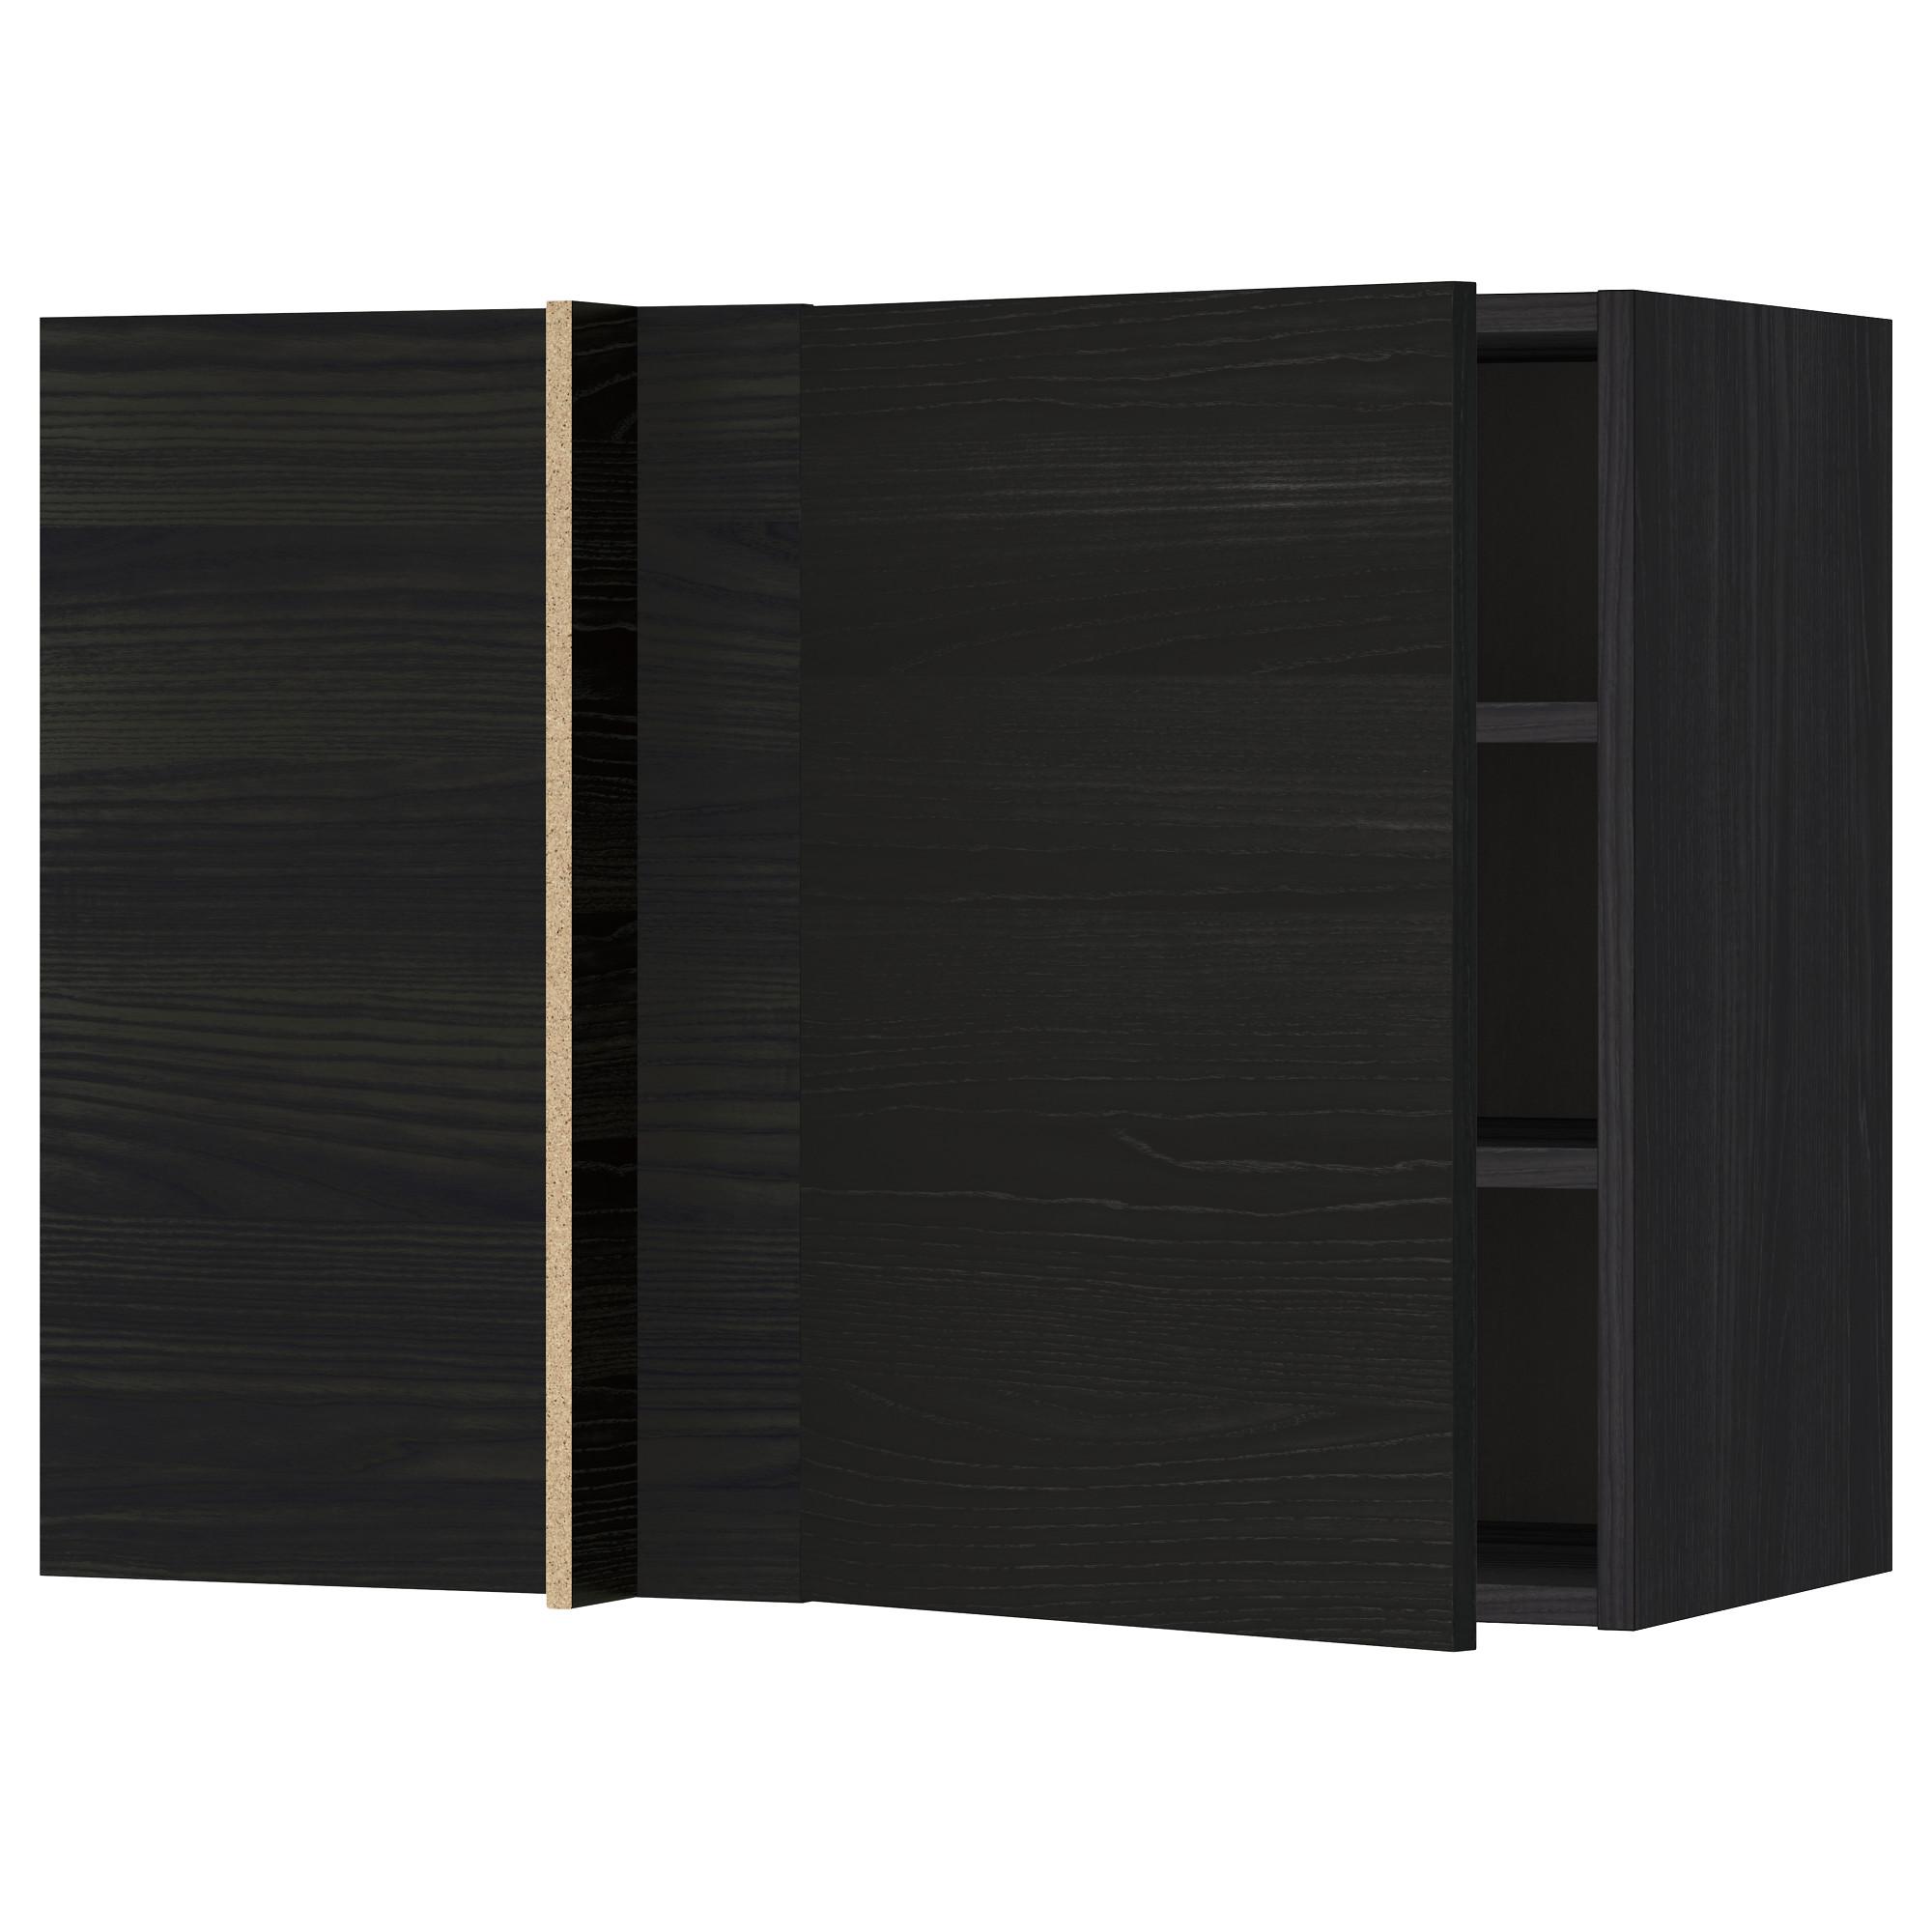 Угловой навесной шкаф с полками МЕТОД черный артикуль № 292.248.58 в наличии. Интернет магазин IKEA Минск. Недорогая доставка и соборка.